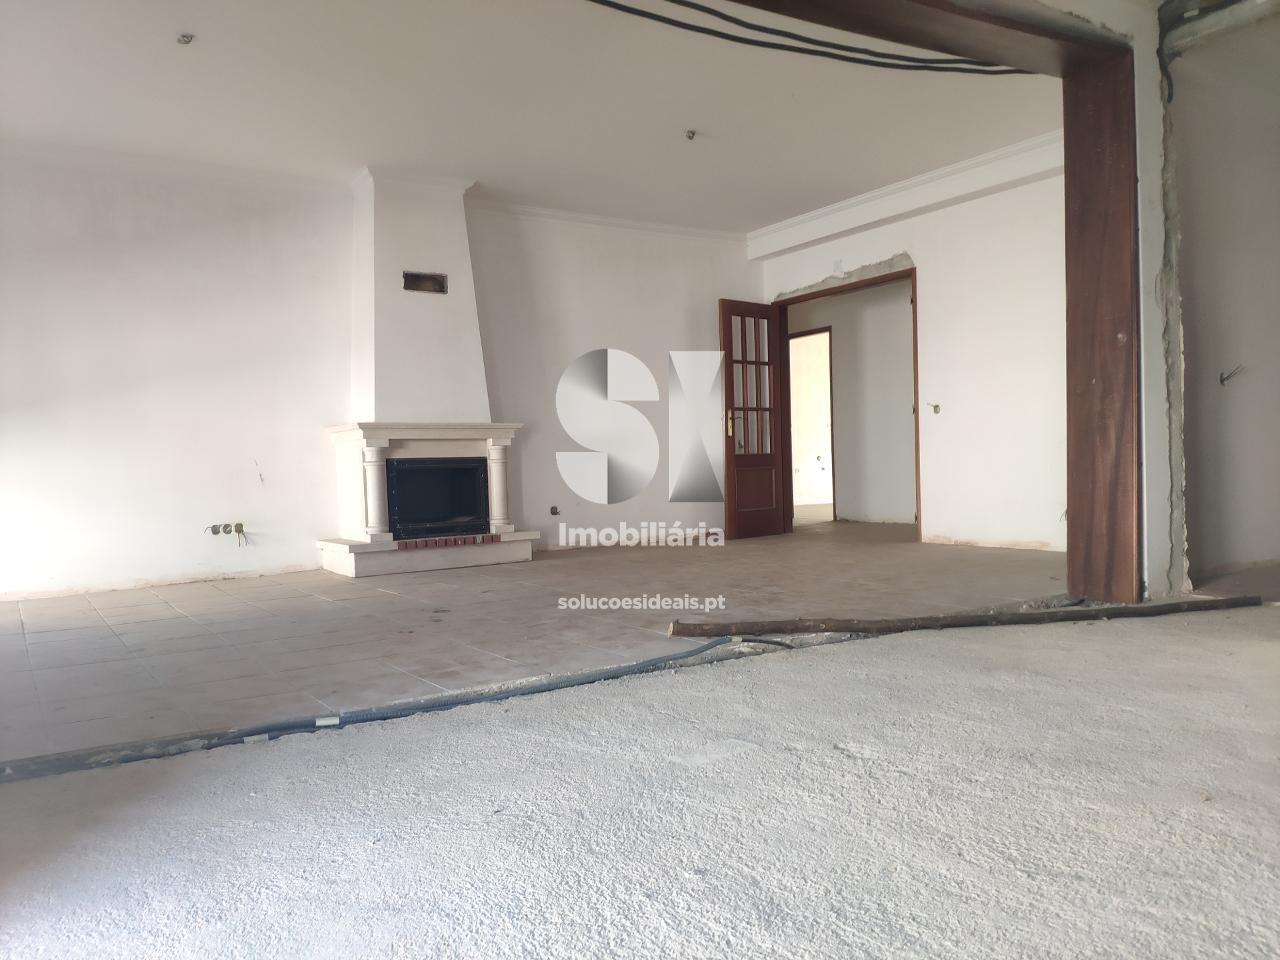 apartamento t4 duplex para compra em vila nova de poiares poiares santo andre poiares LSASS533